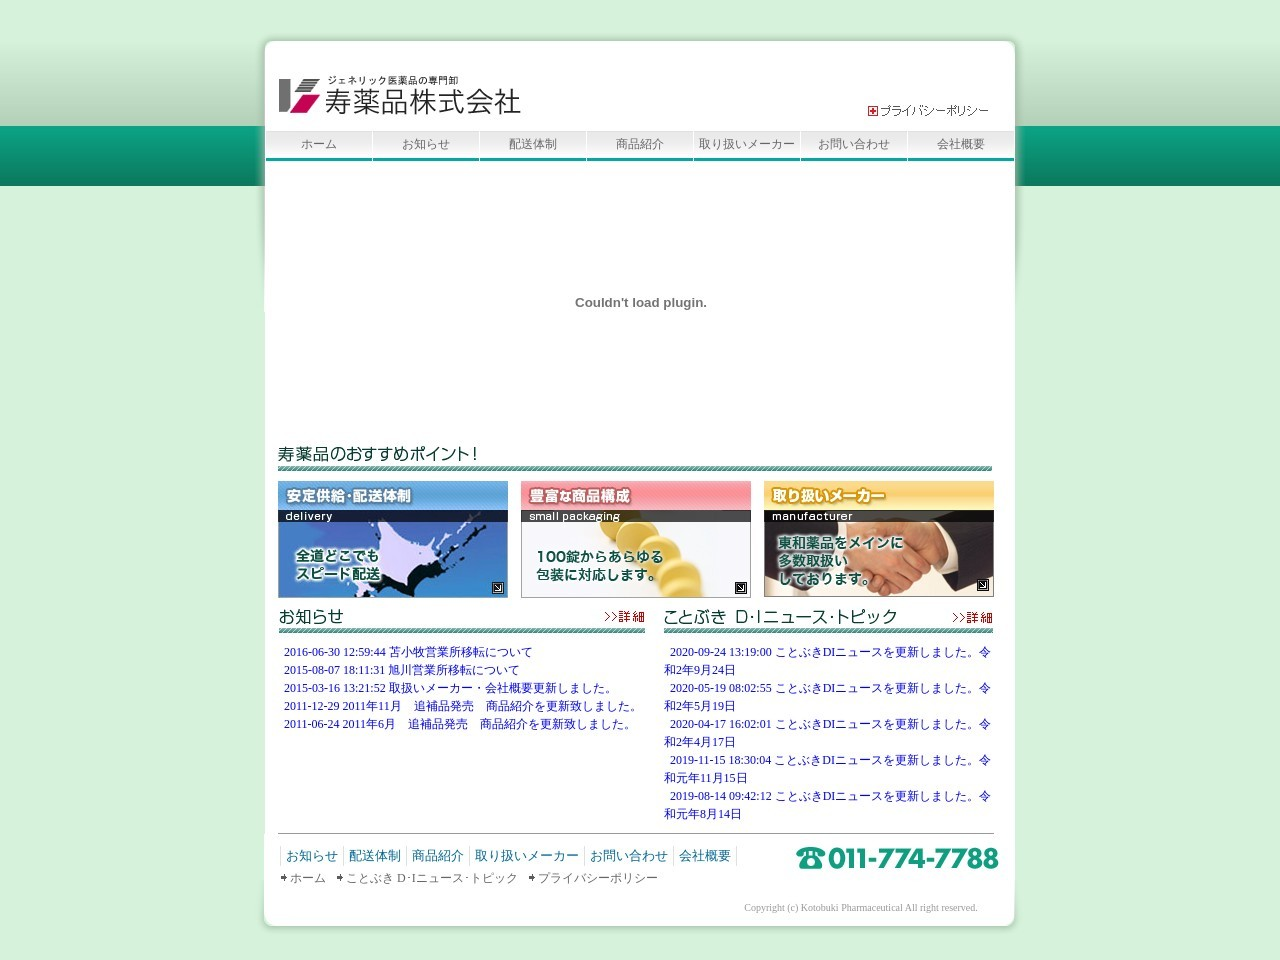 寿薬品株式会社